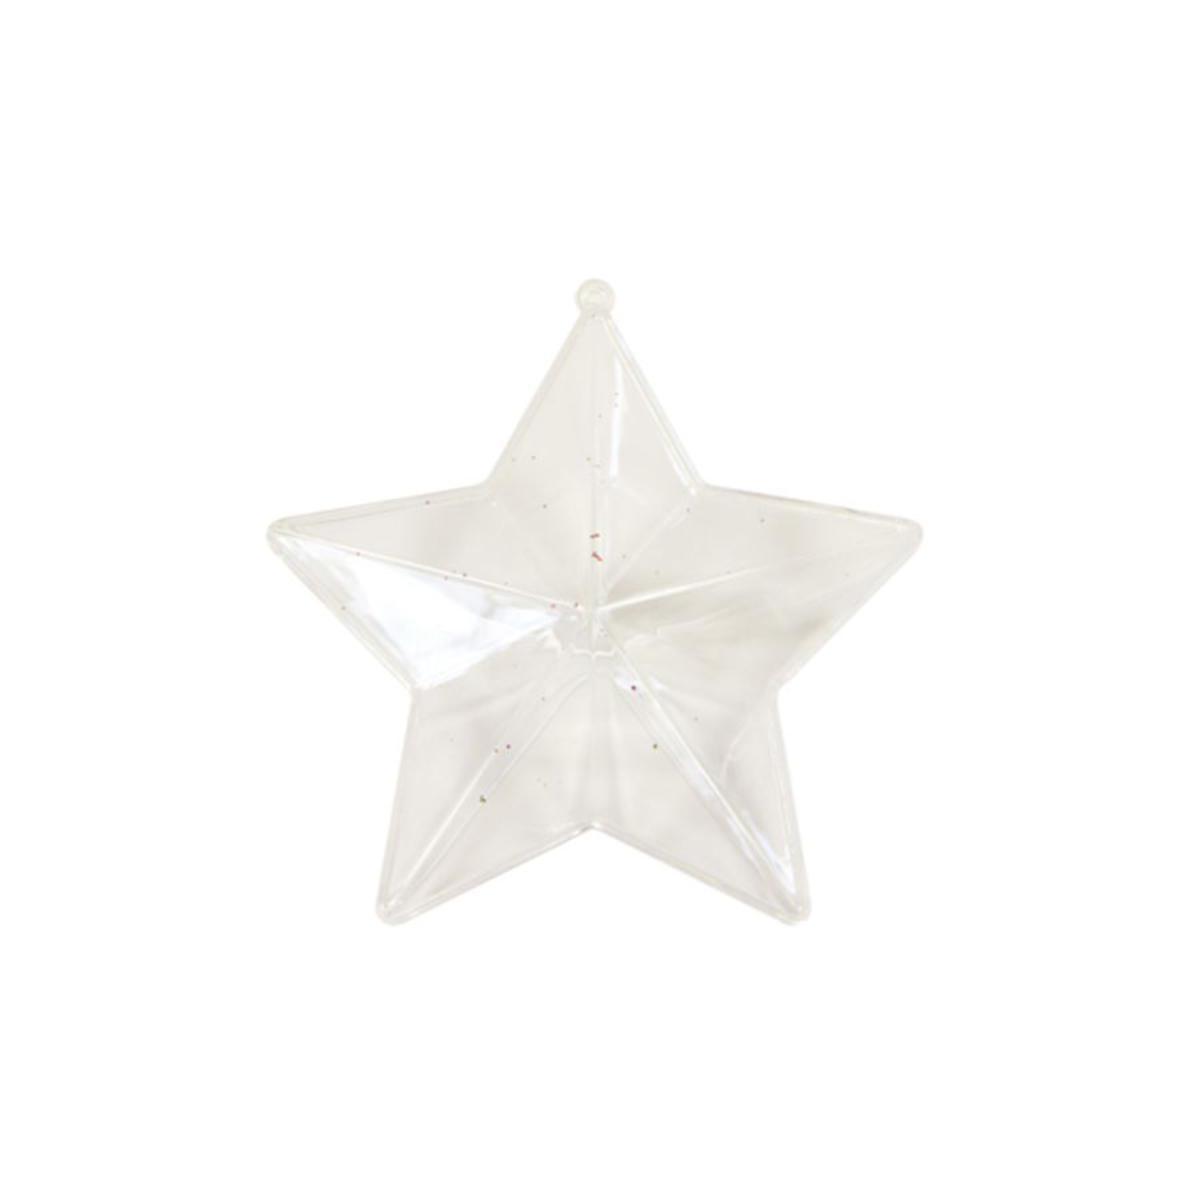 Boite étoile Plastique Transparent Boîtes De Décoration La Foir Fouille